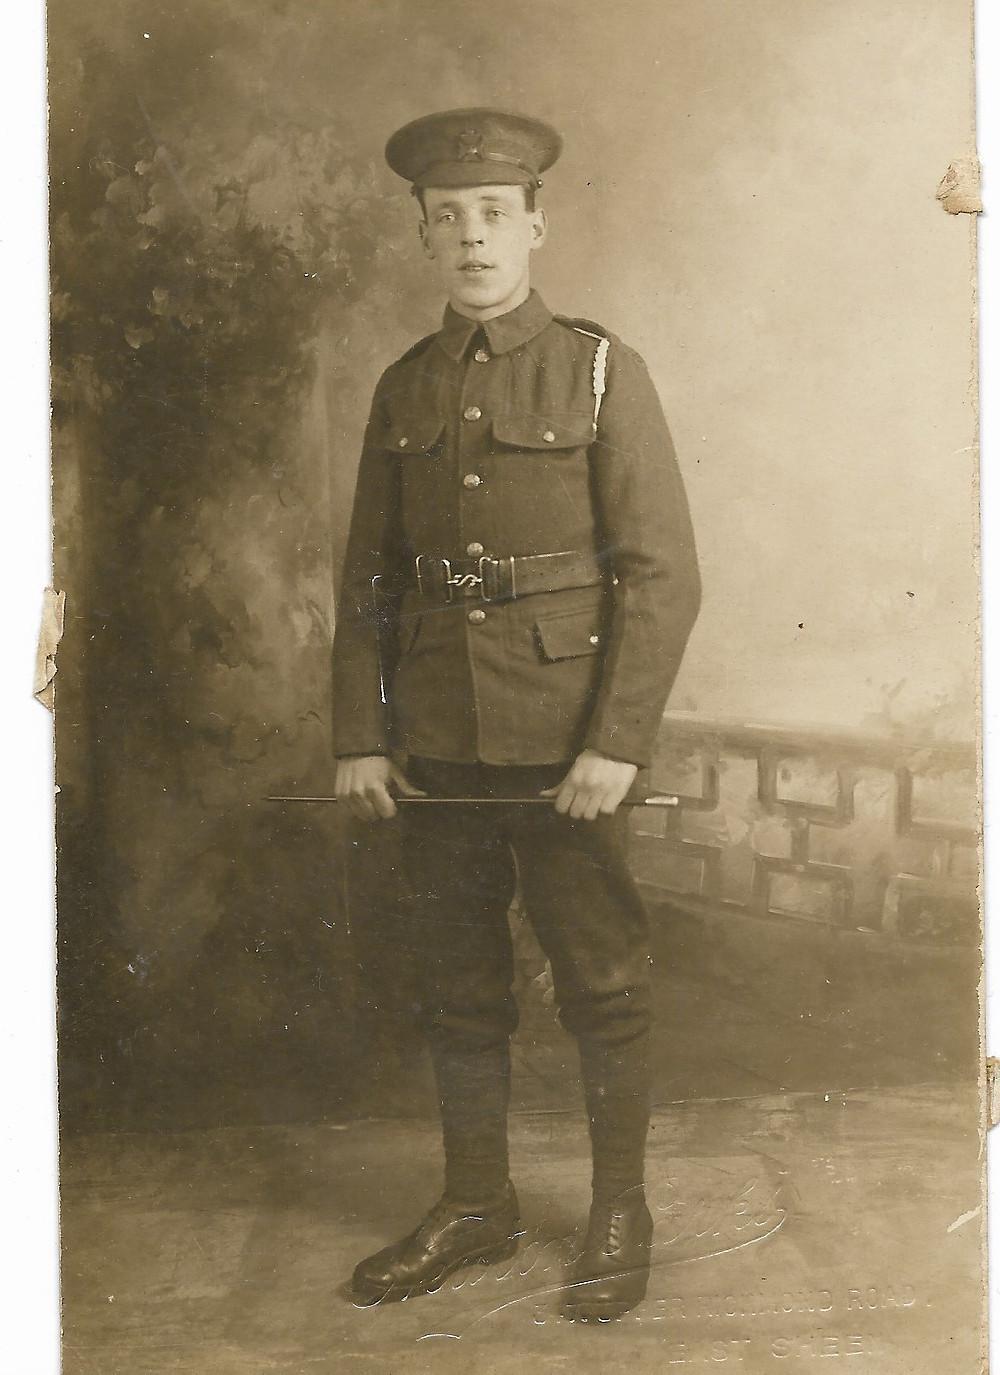 Charlie Clark in WW1 uniform.